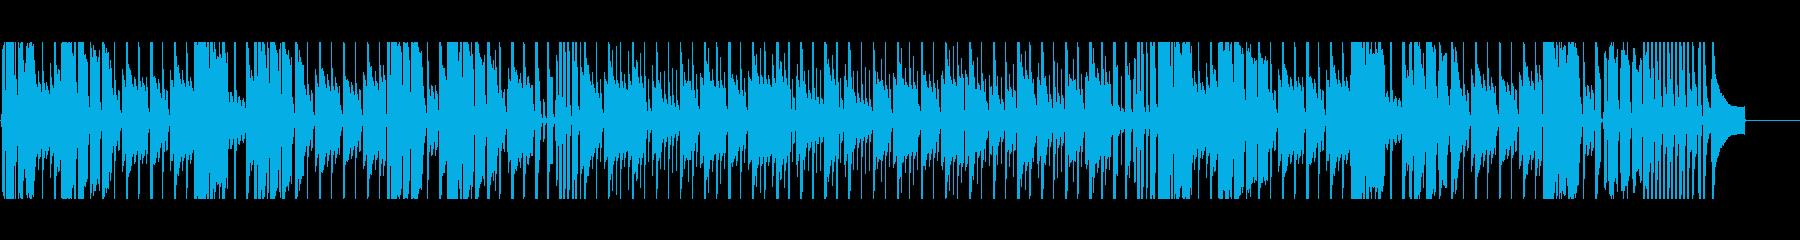 【短いVer3】スローブルースの再生済みの波形